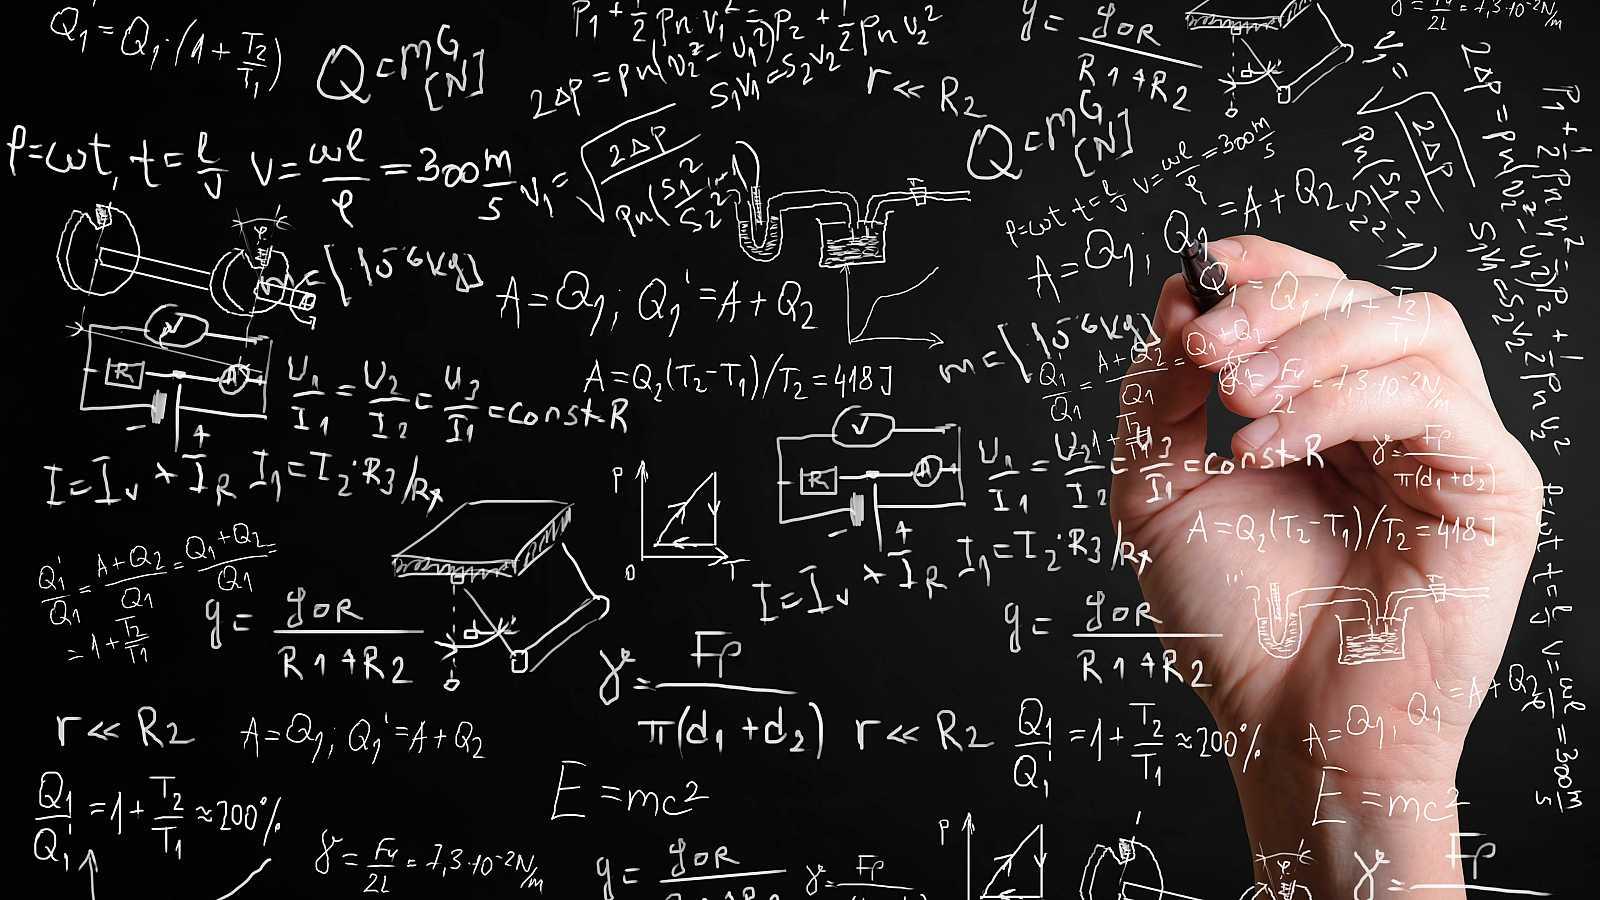 Los modelos matemáticos pueden ayudar a tomar decisiones relacionadas con la expansión del SARS-CoV-2.